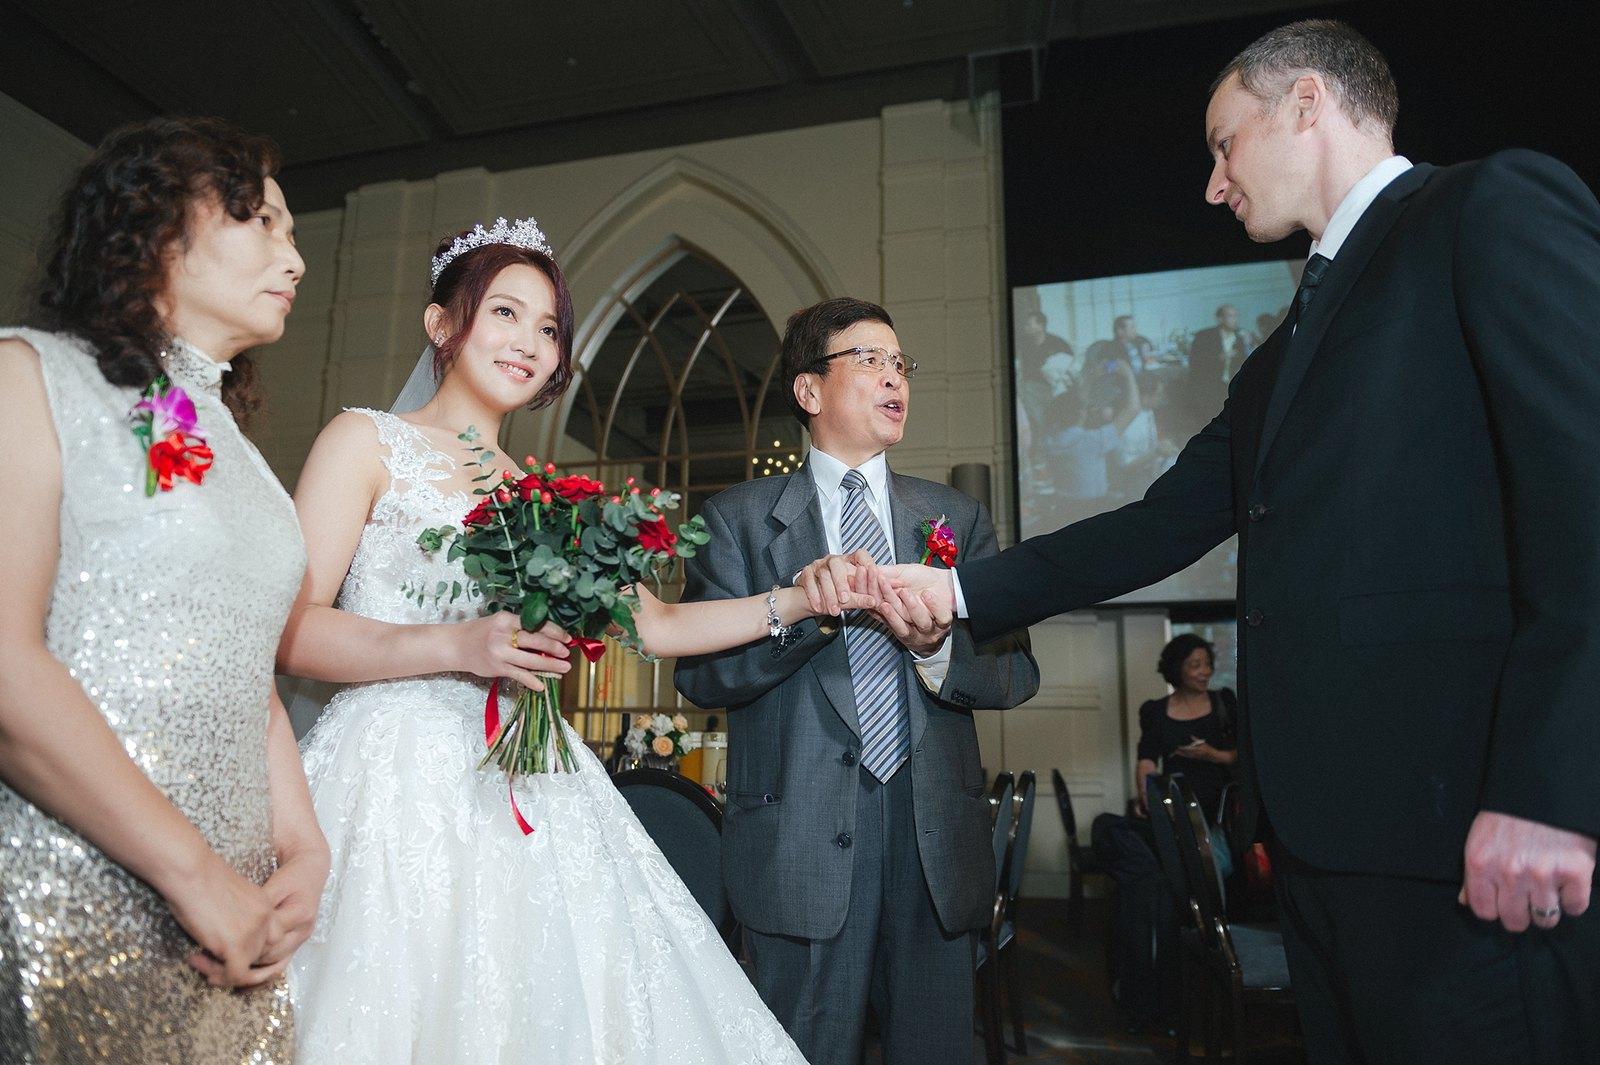 【婚攝】Tristan & Andrea / 花田盛事築夢莊園